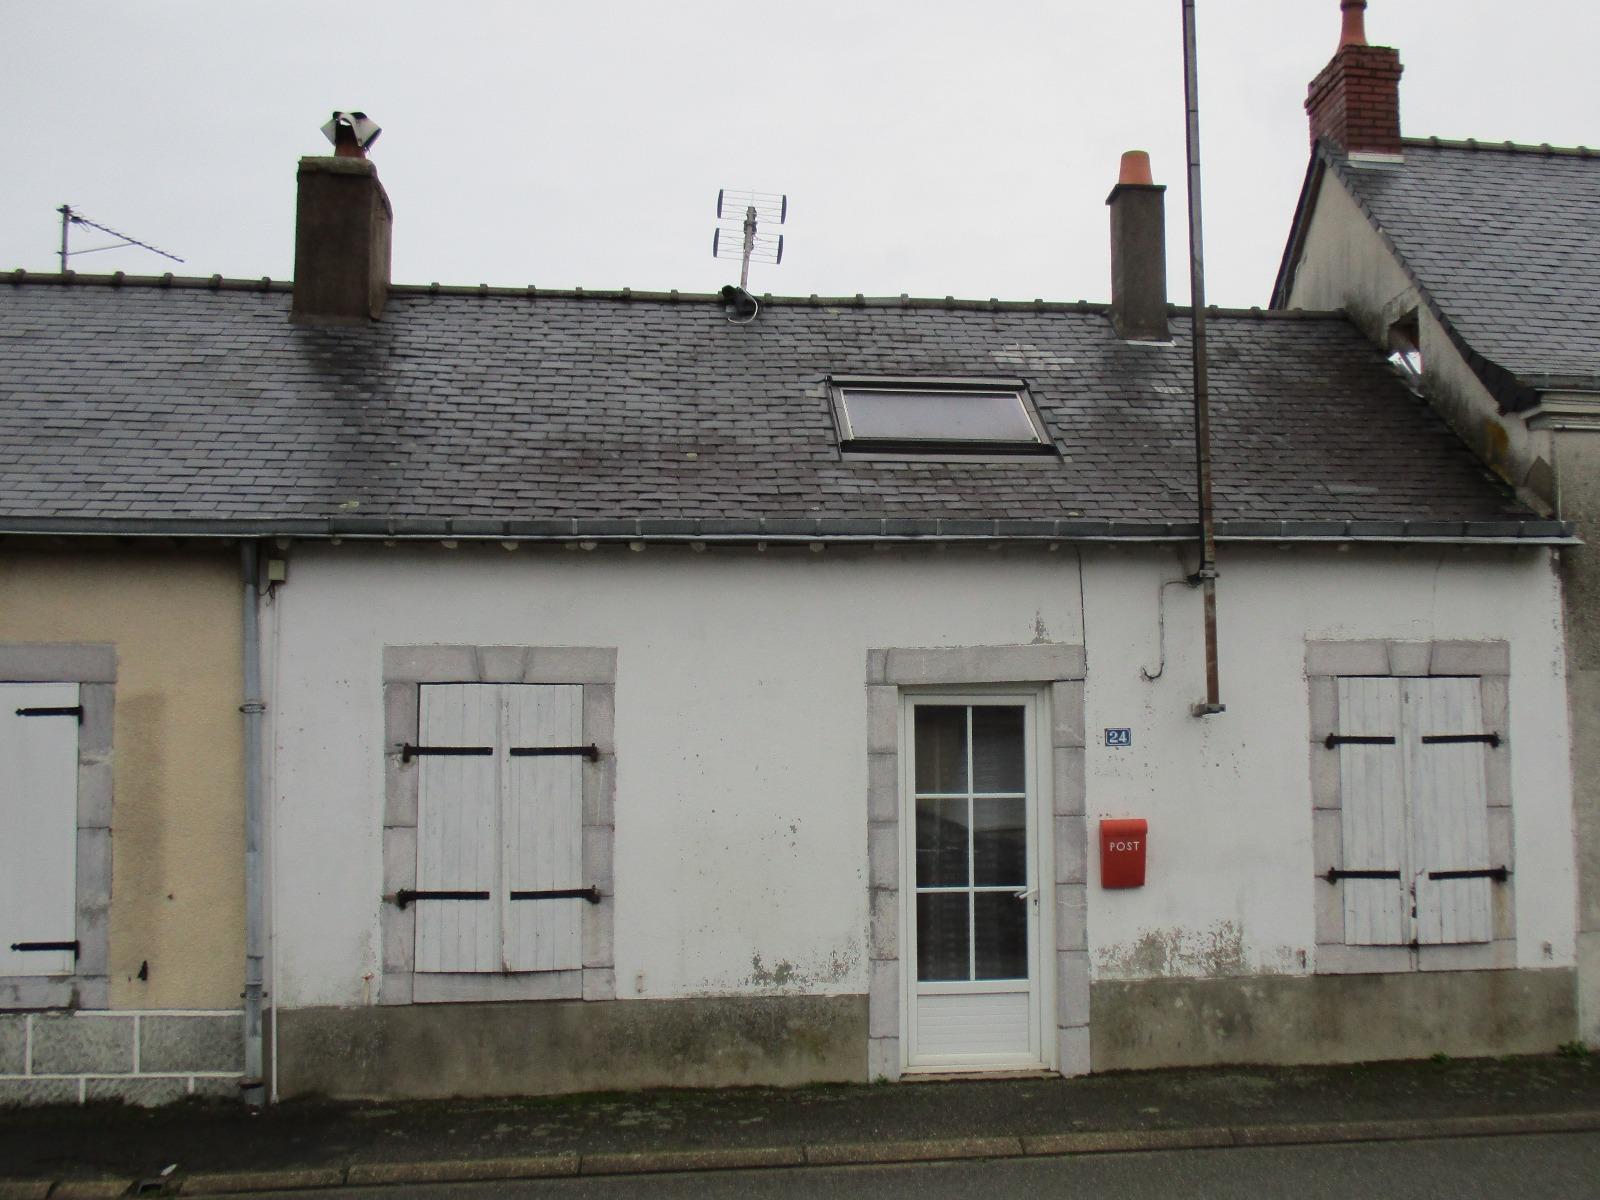 Laval vends maison de 58 m avec grenier sur un terrain de 200 m avec garage 3d immobilier - Frais de notaire achat garage ...